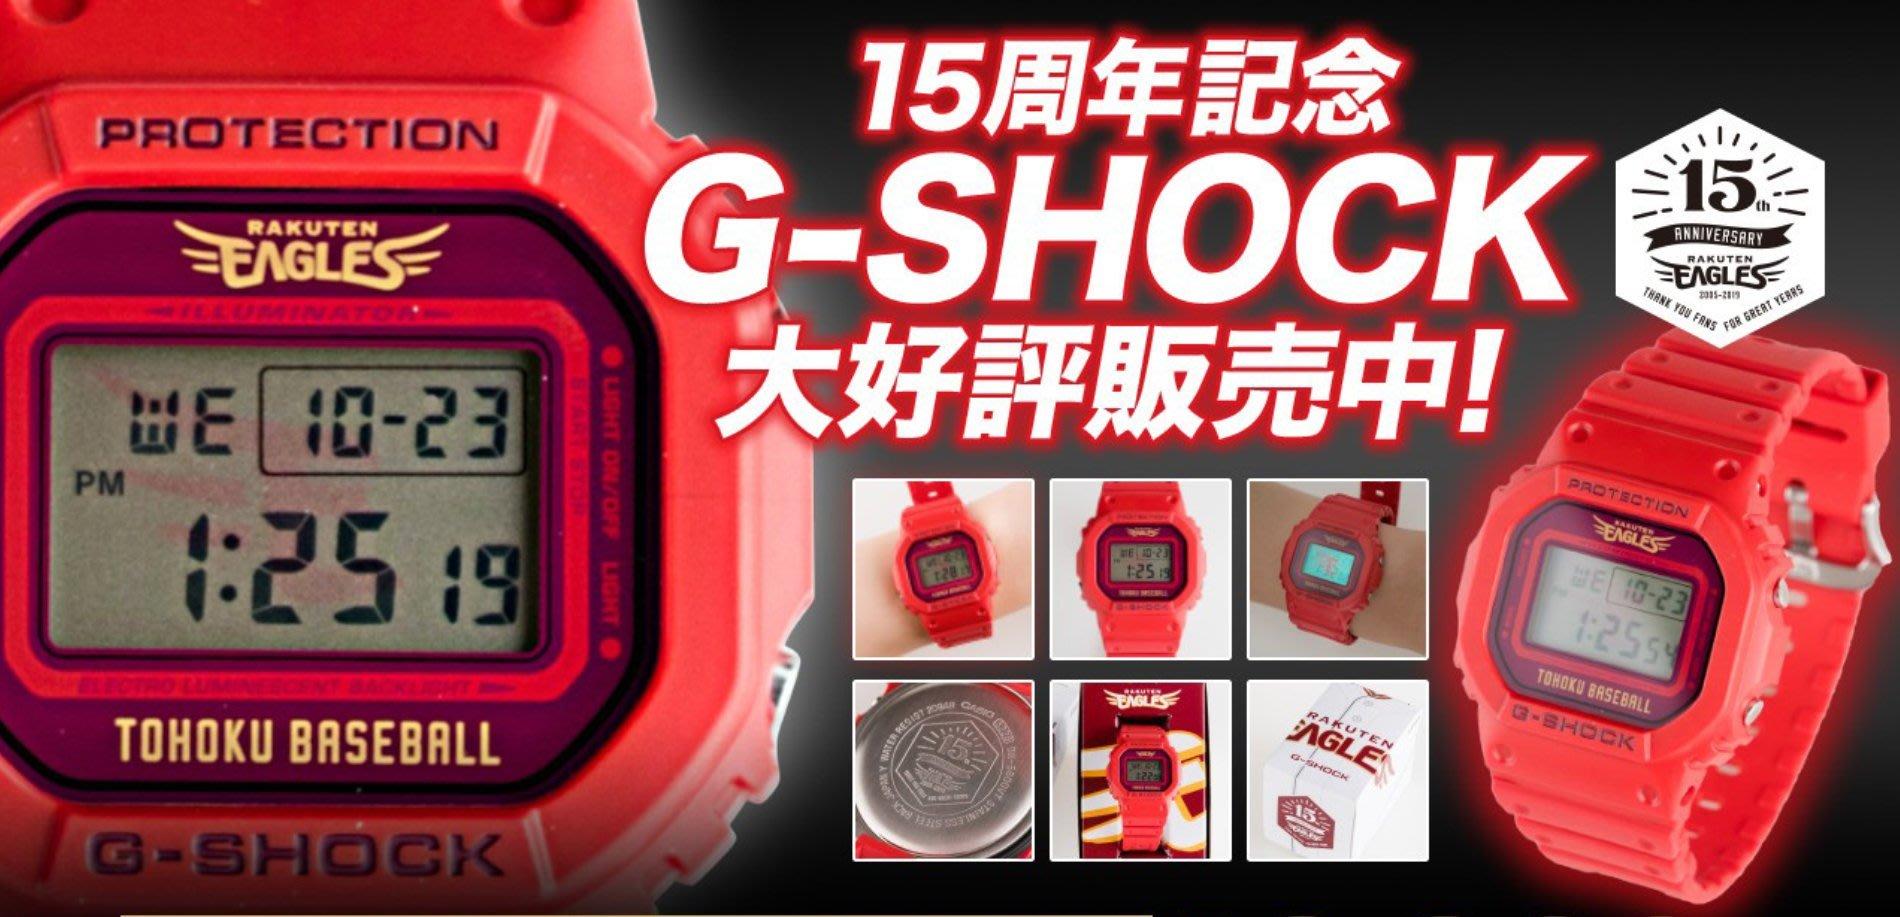 貳拾肆棒球-日本帶回日本職棒東北樂天15周年紀念表数量限定G-SHOCK